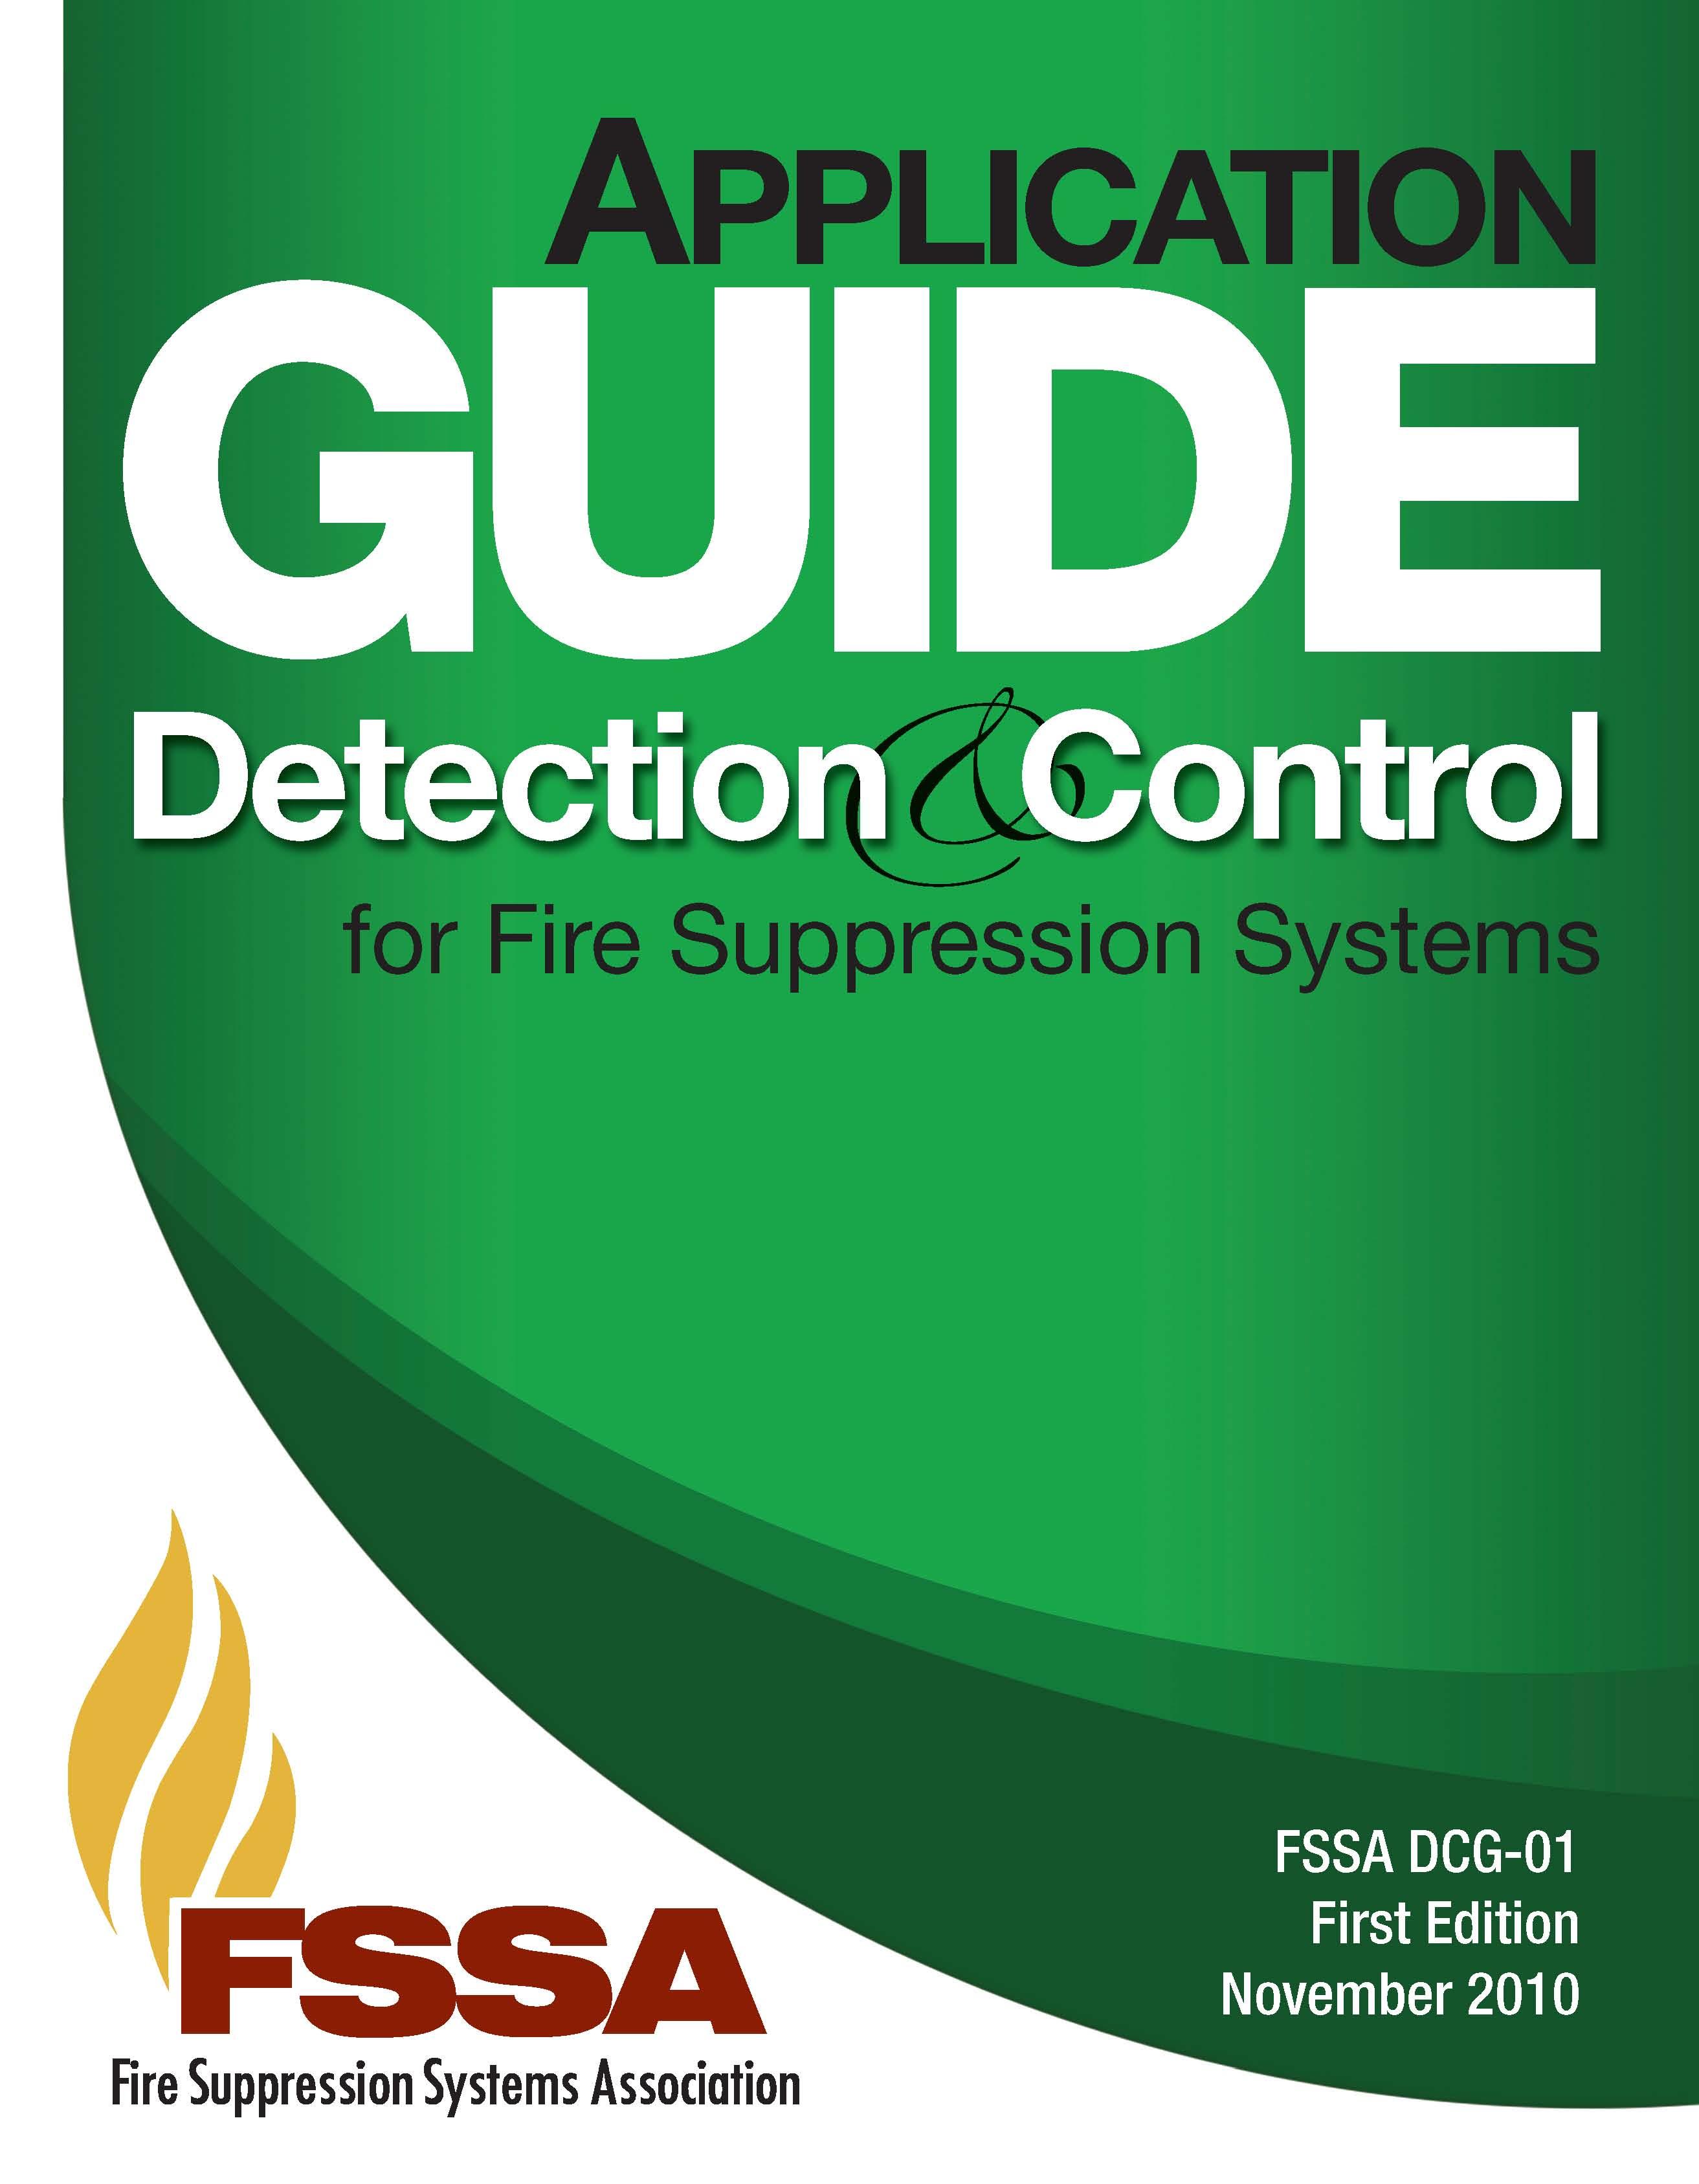 FSSA Publications